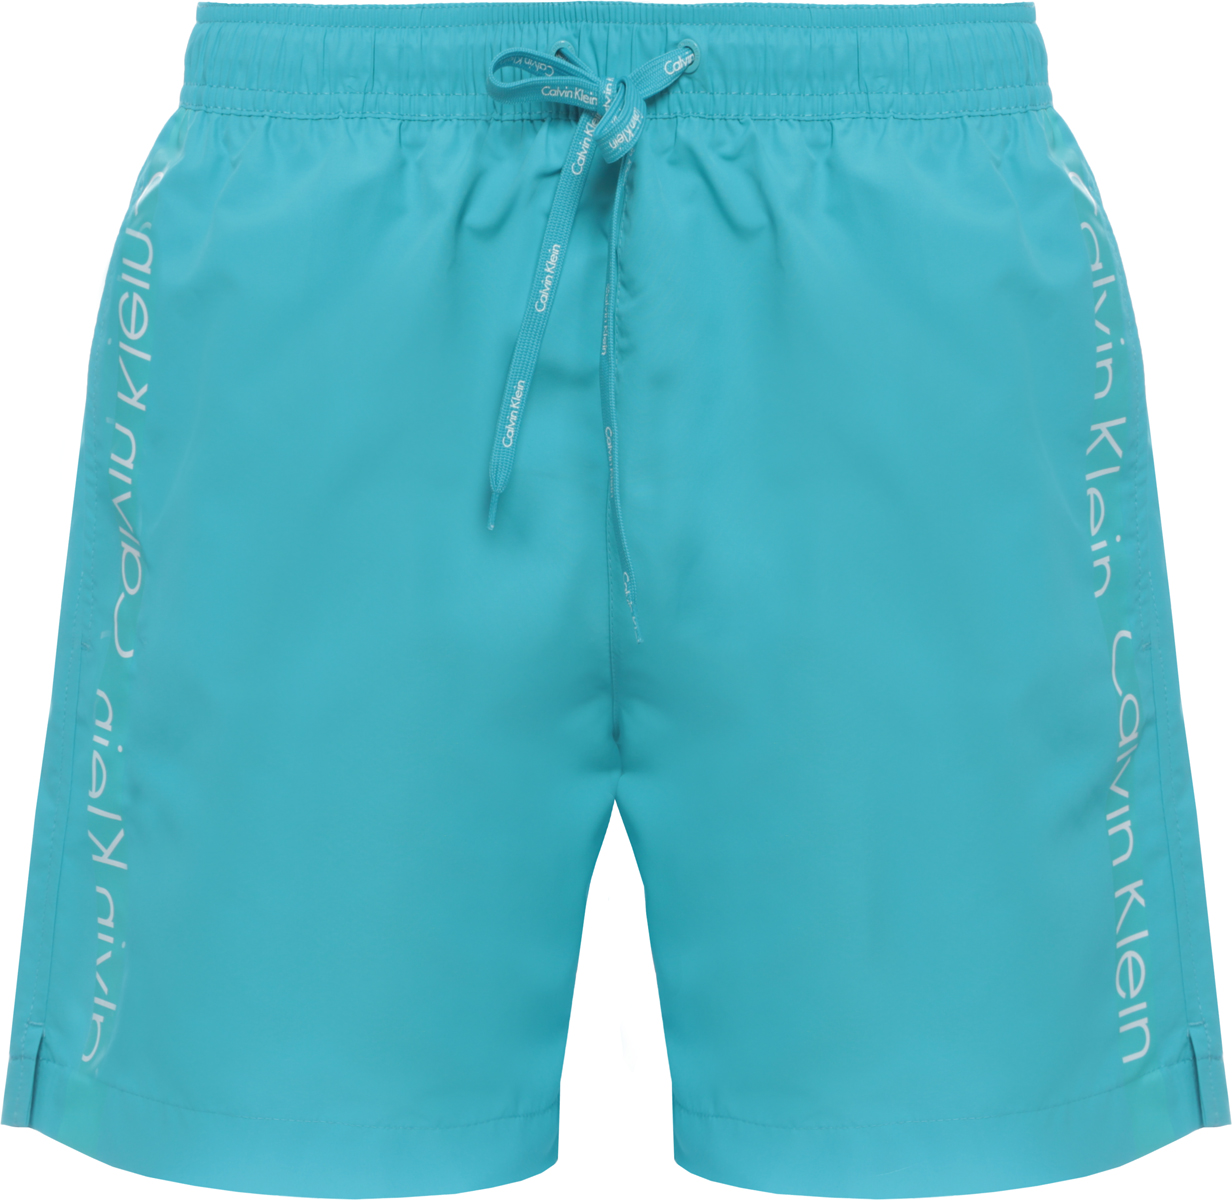 Шорты купальные мужские Calvin Klein Underwear, цвет: голубой. KM0KM00169. Размер S (46)KM0KM00169Шорты купальные мужские Calvin Klein Underwear выполнены из полиэстера. Модель дополнена затягивающимся шнурком.